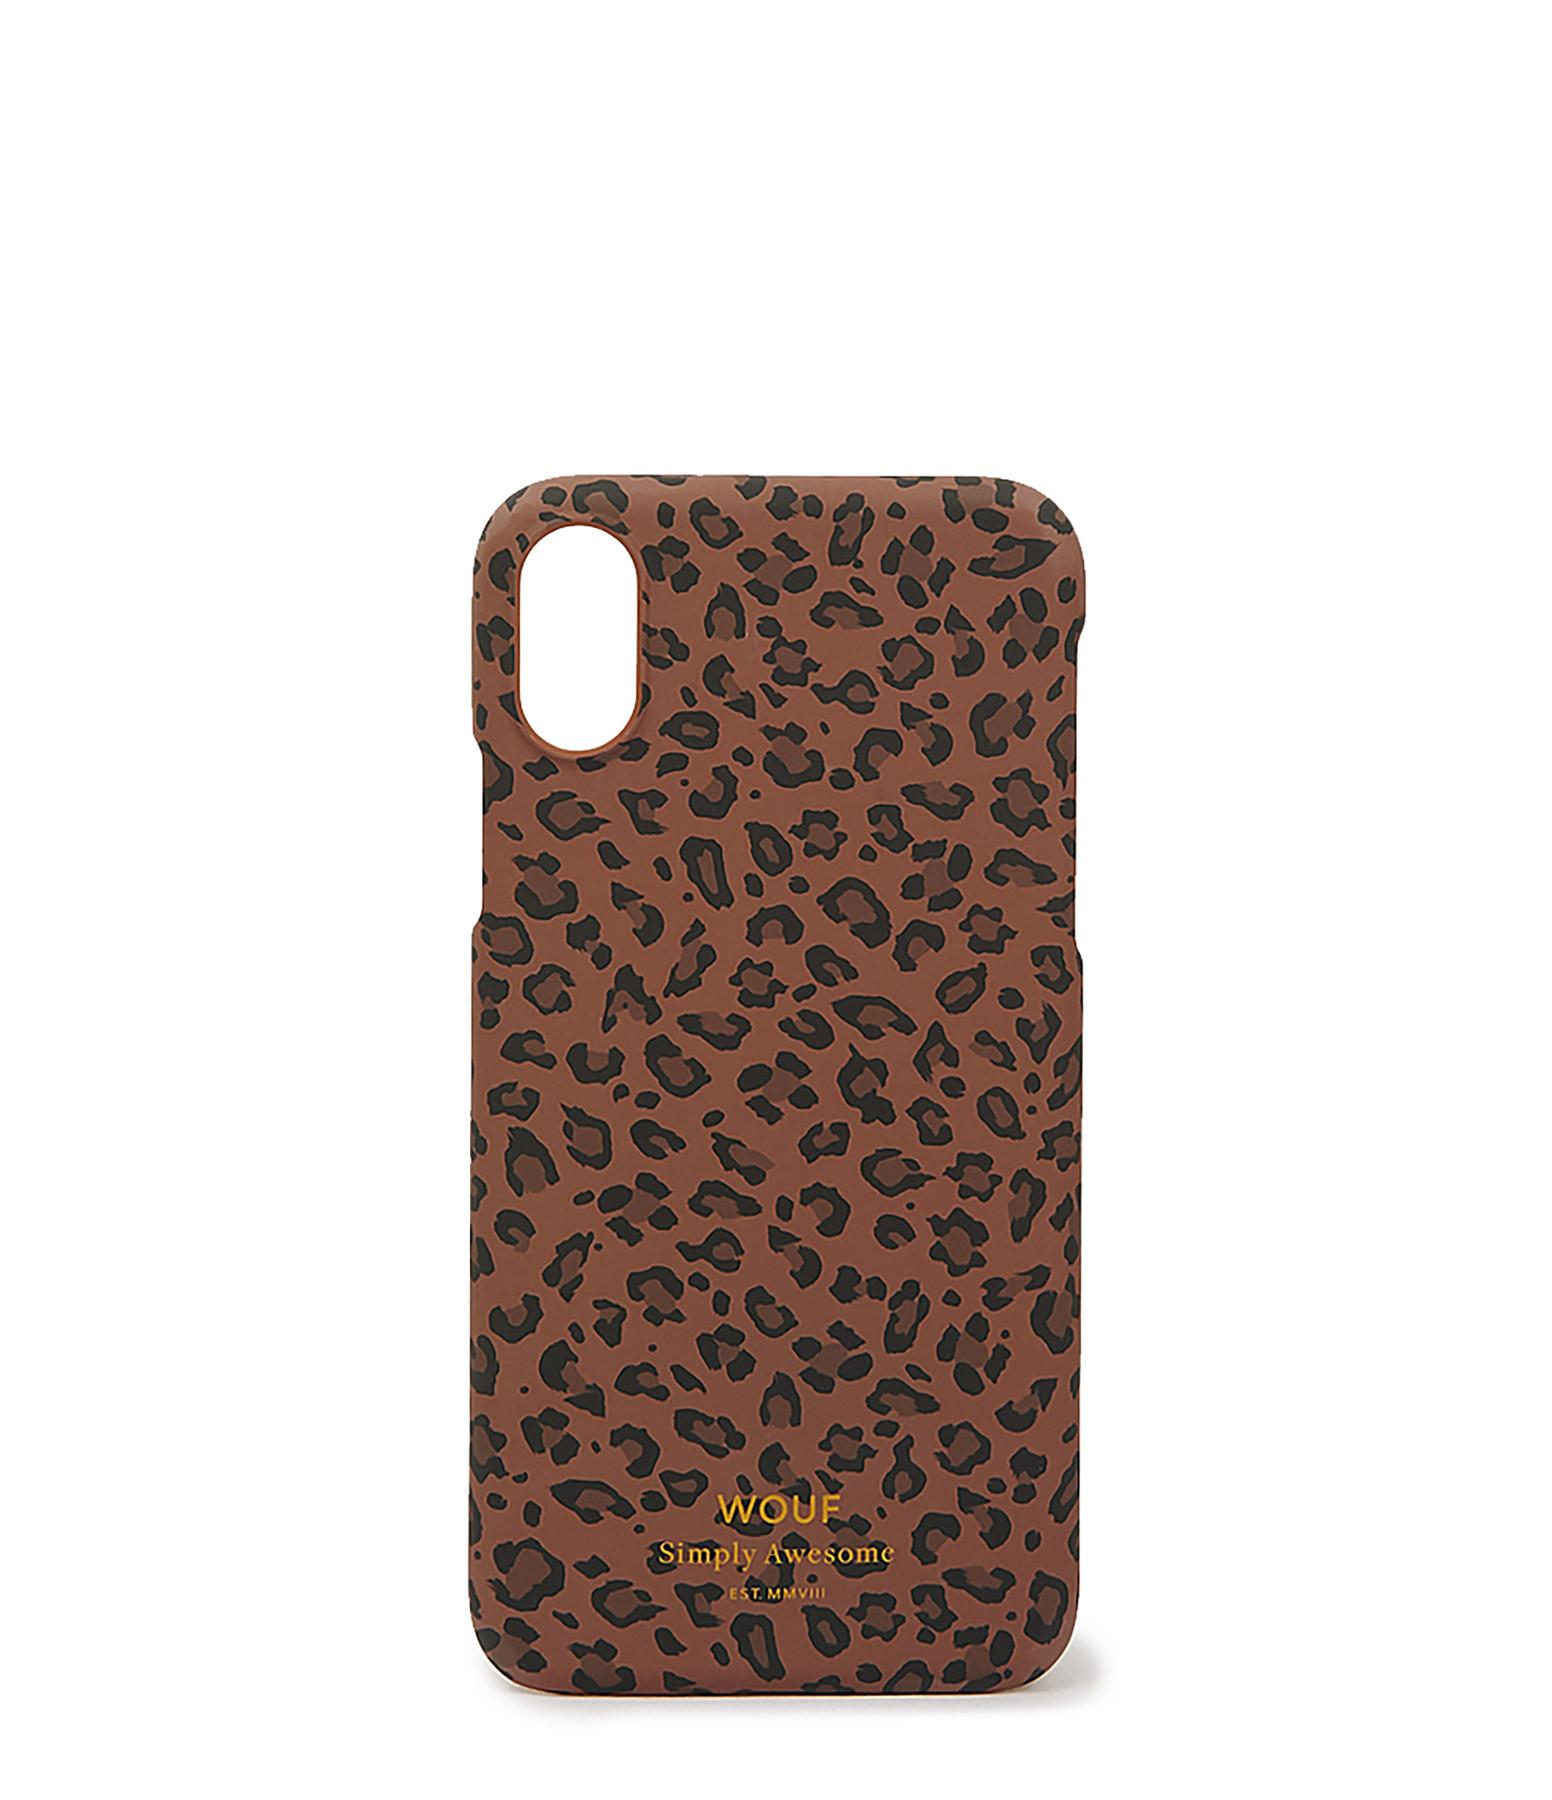 WOUF - Coque Iphone X Savannah